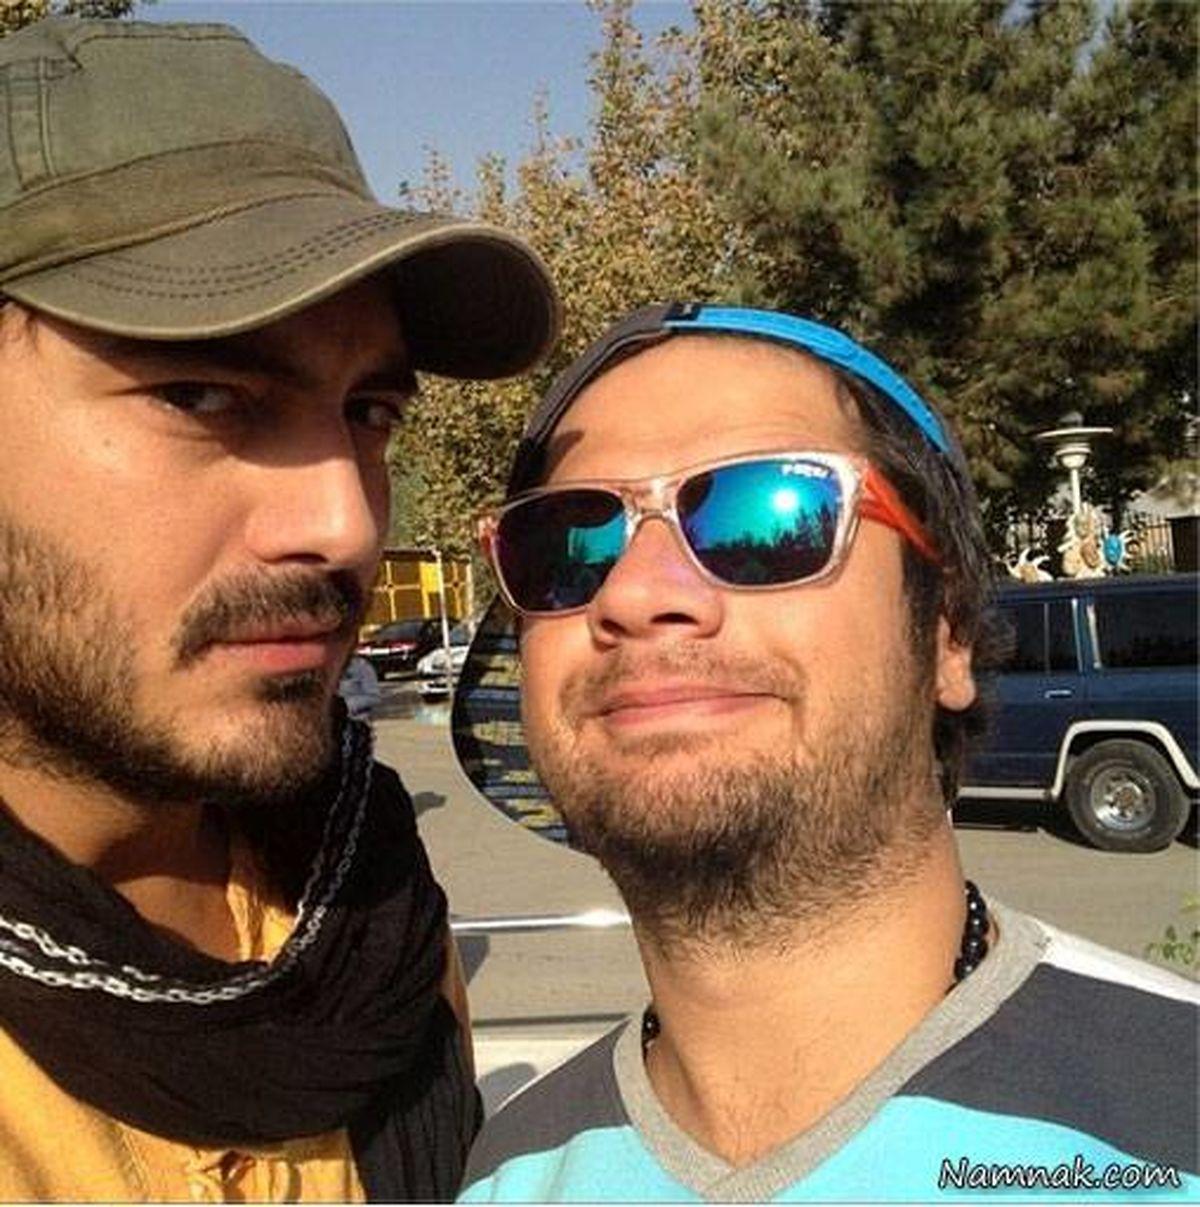 عکس جنجال برانگیز علی صادقی و خانم بازیگر لب دریا | بیوگرافی علی صادقی